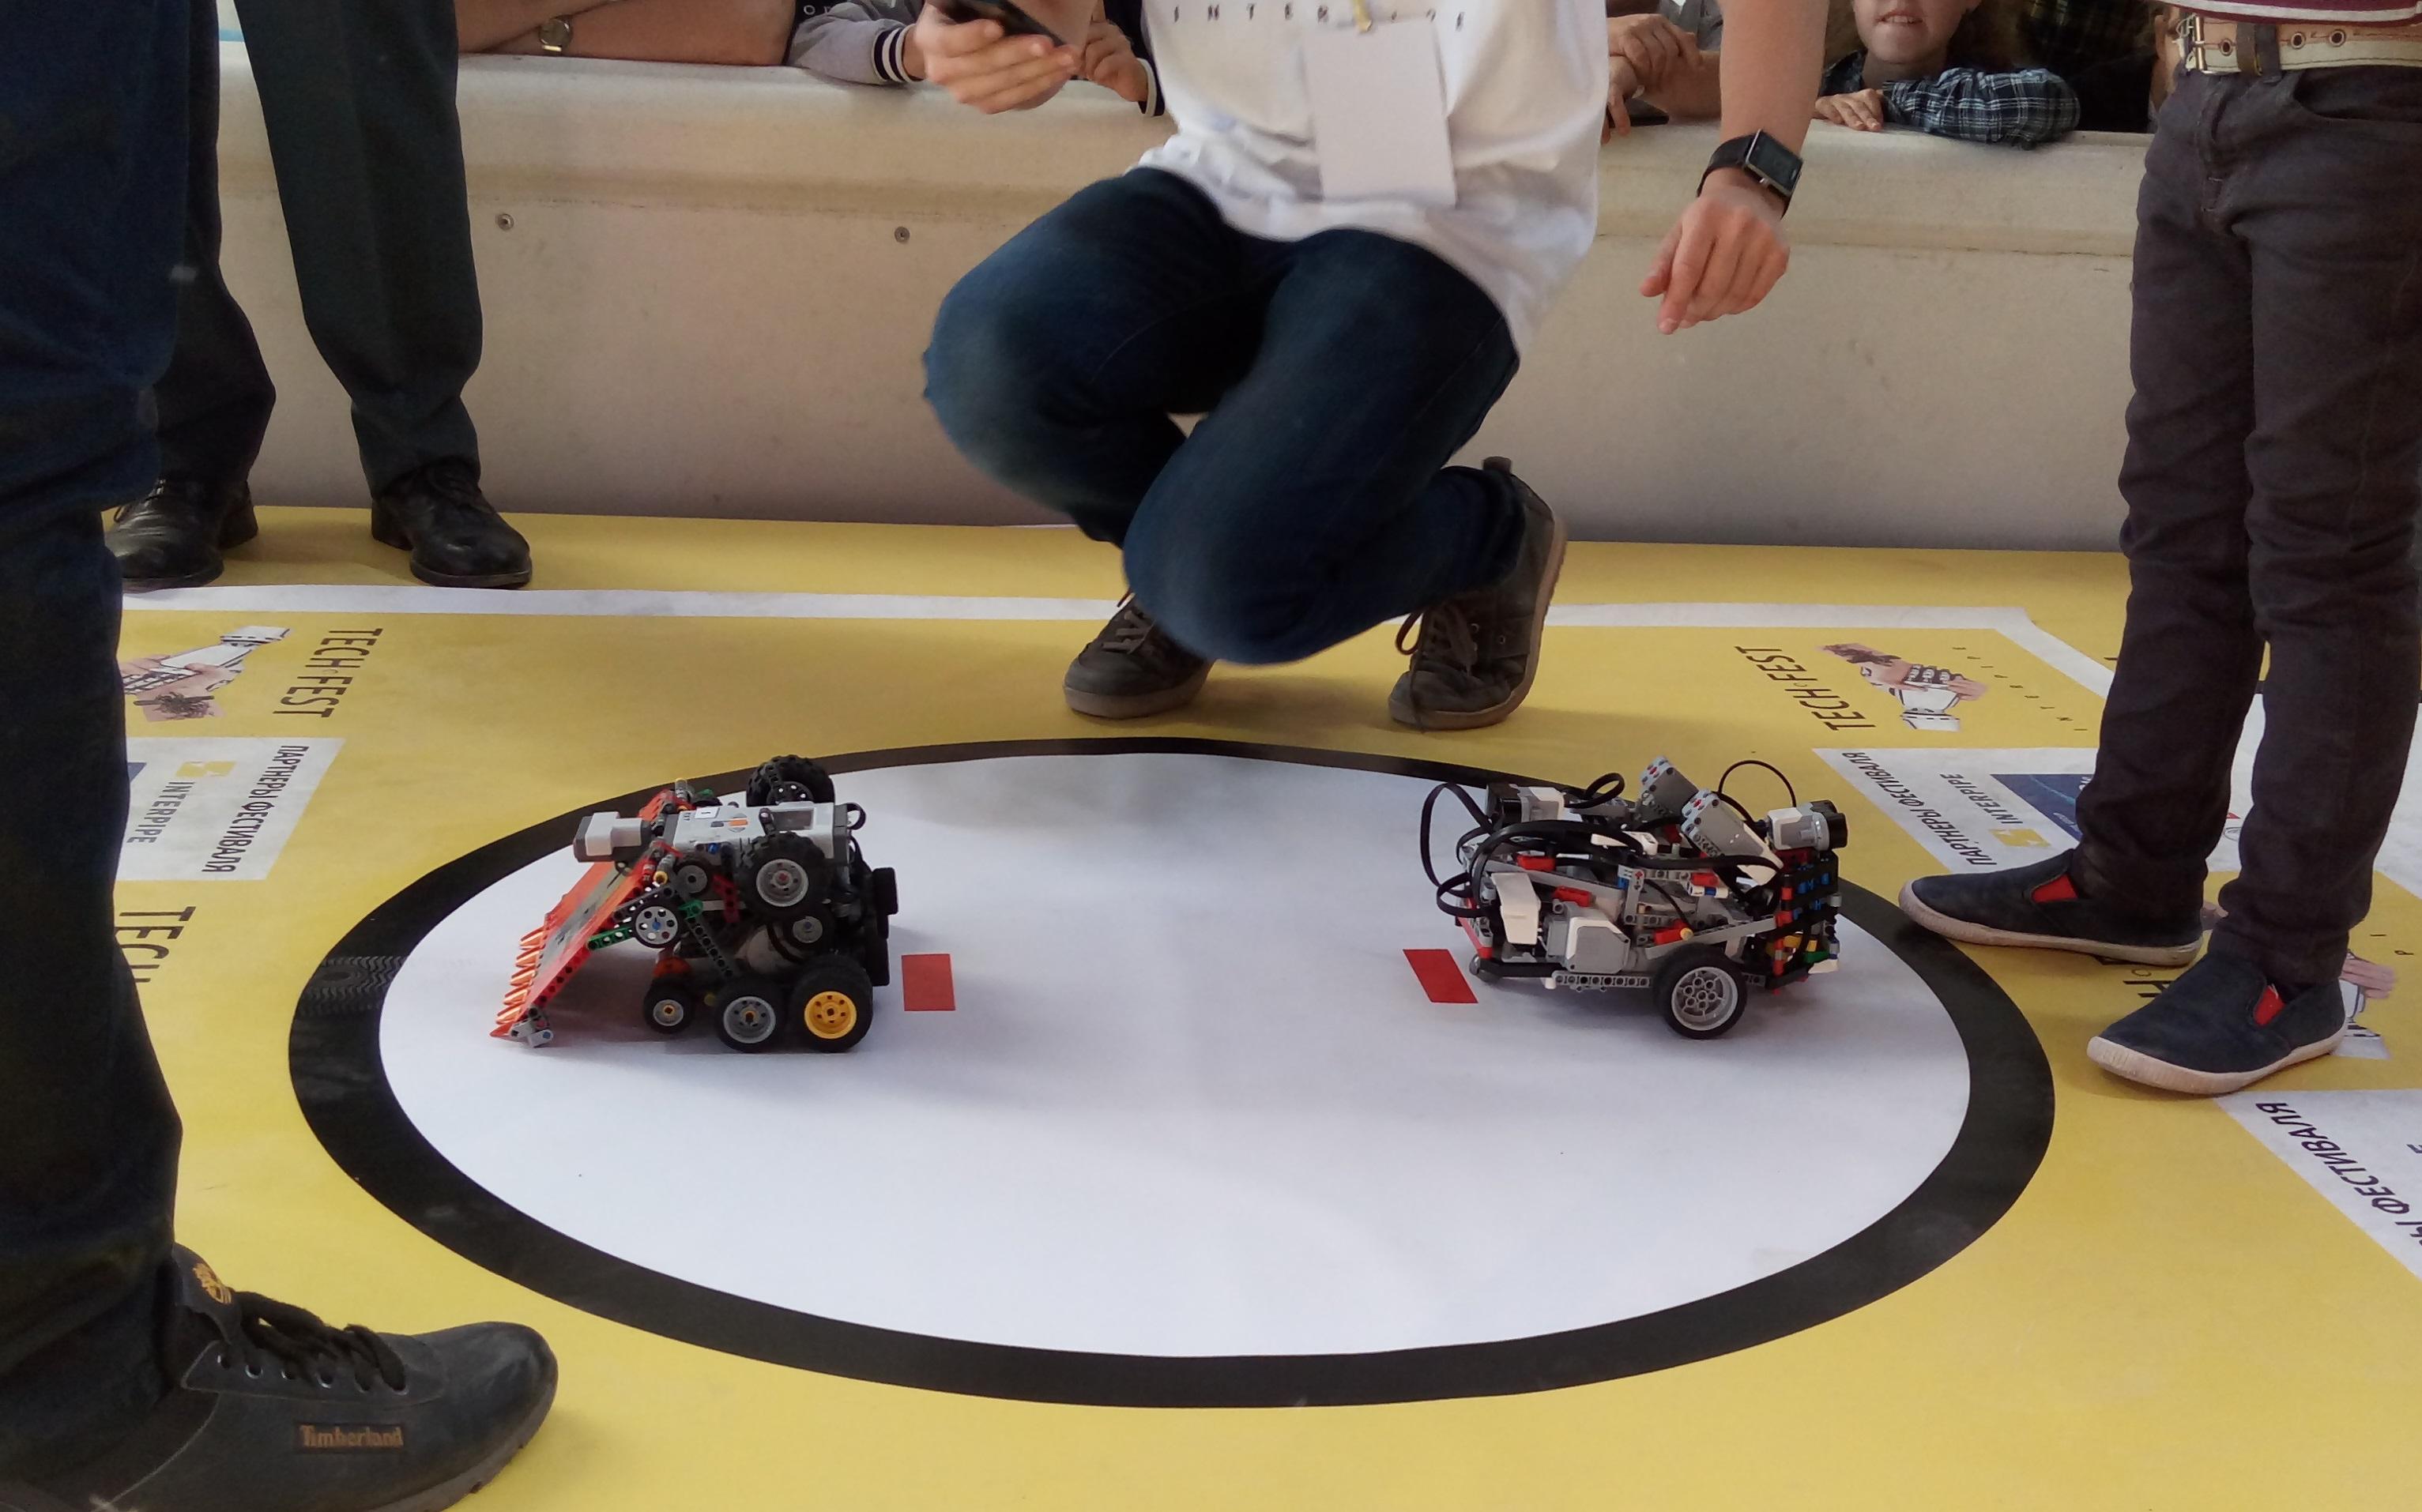 v-dnepre-proshel-festival-innovacionnykh-tekhnologijj-interpipe-techfest-robosumo